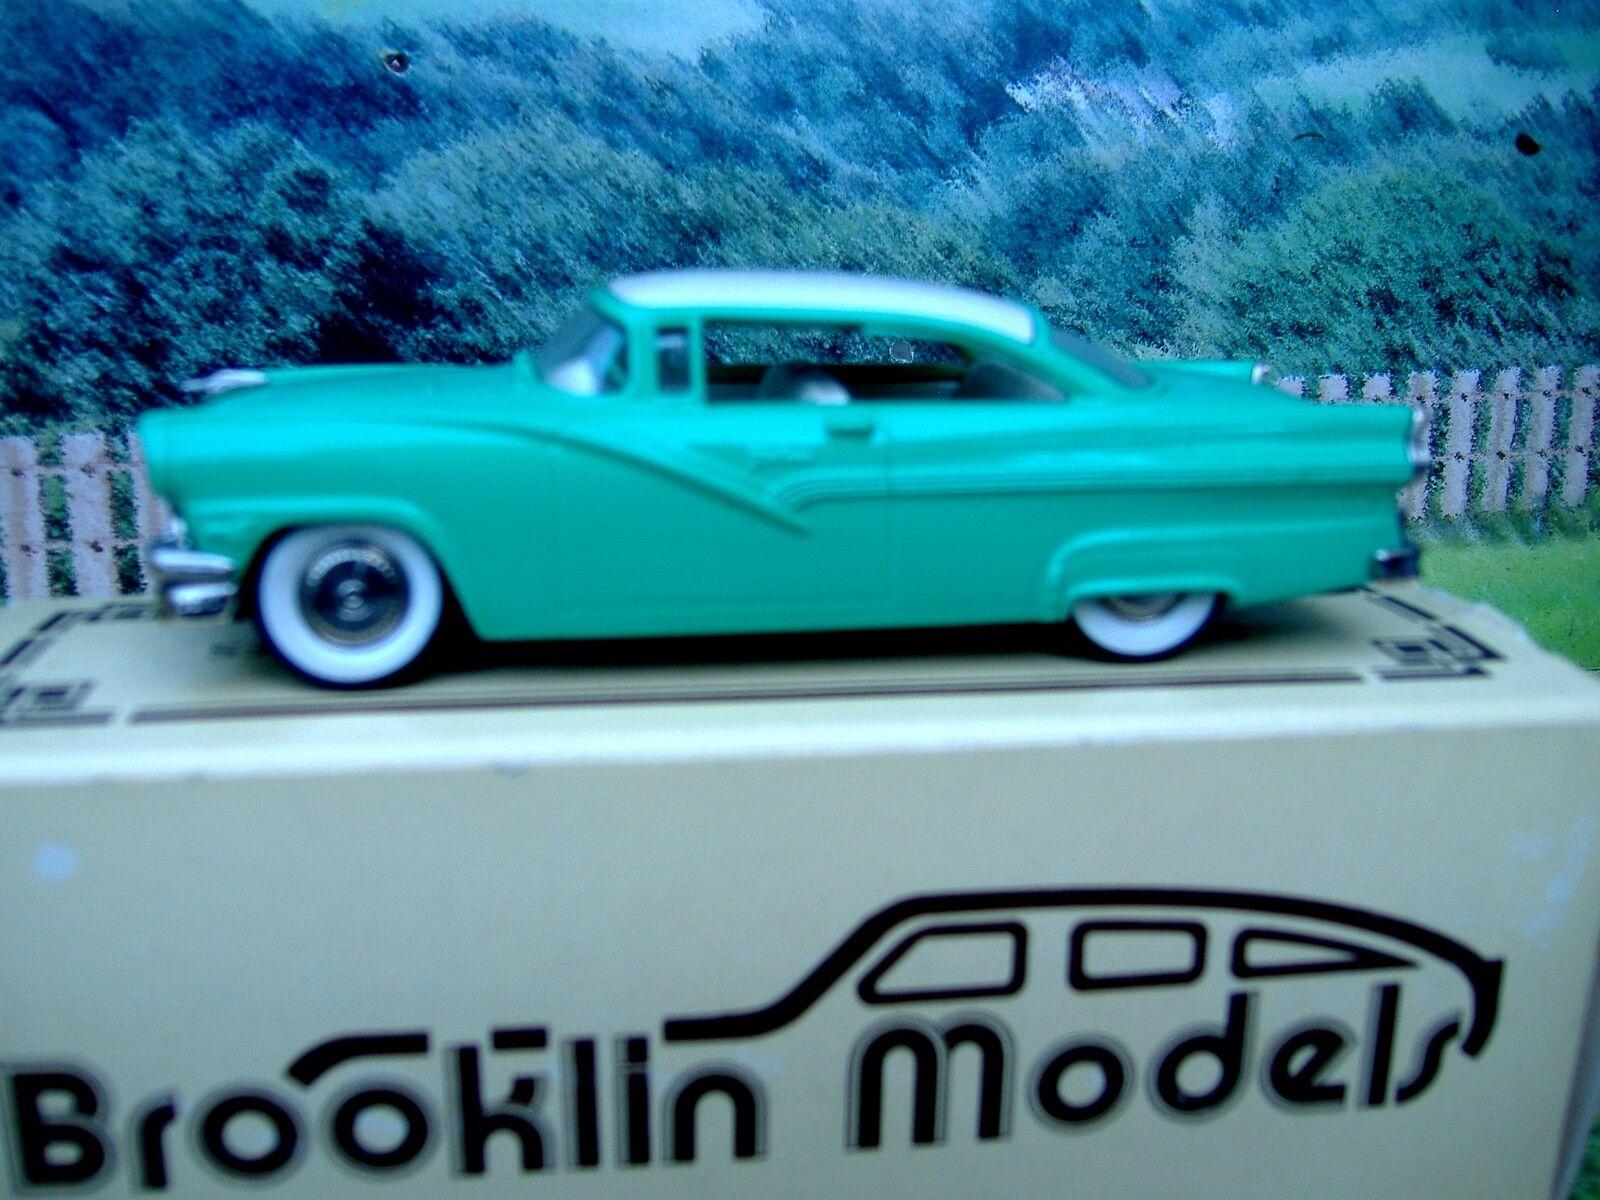 1  43 Brooklin models  Ford Fairlane 1956  magasiner en ligne aujourd'hui